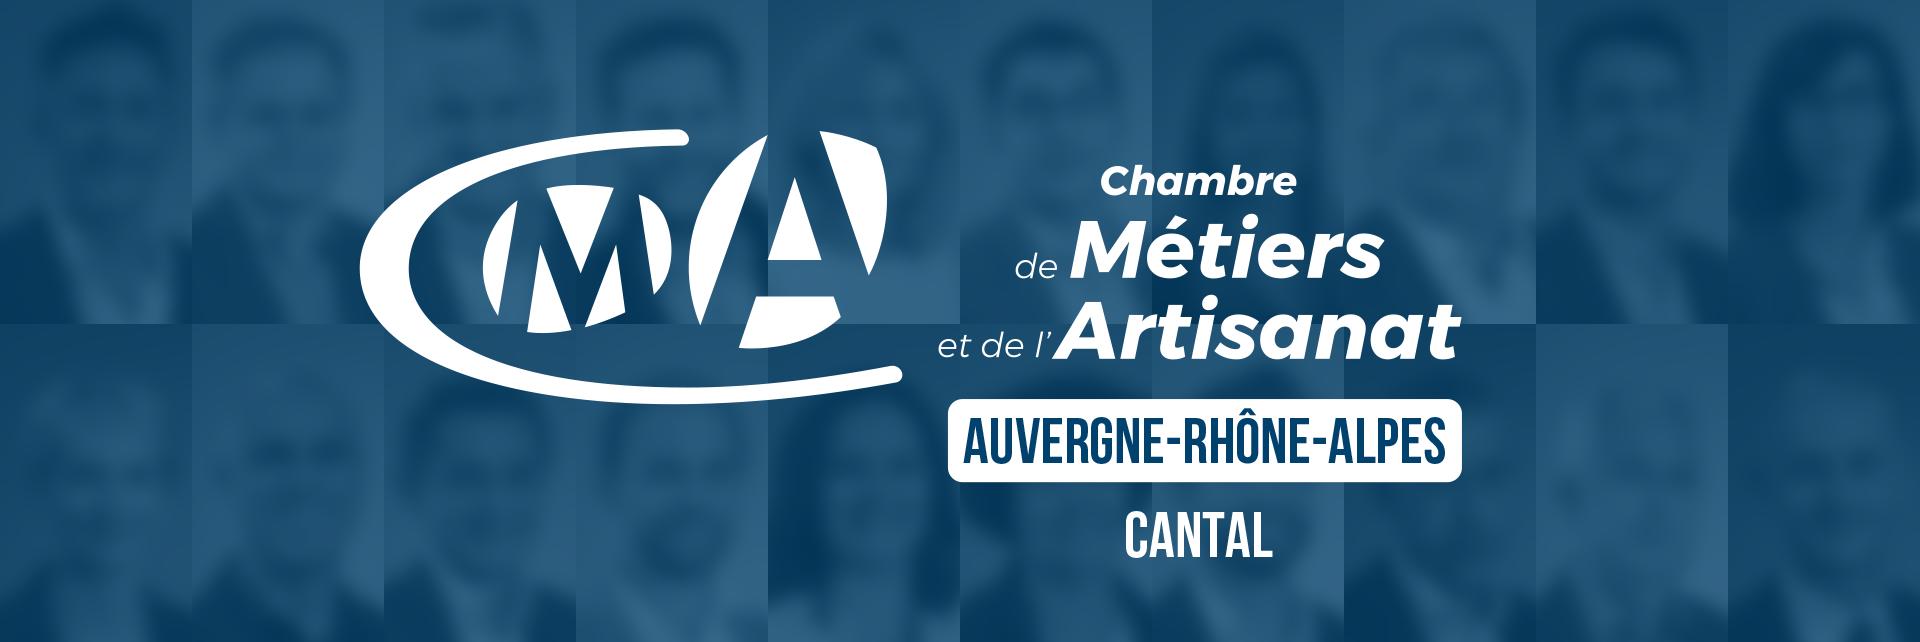 CMA Auvergne-Rhône-Alpes - équipe de direction CMA Cantal